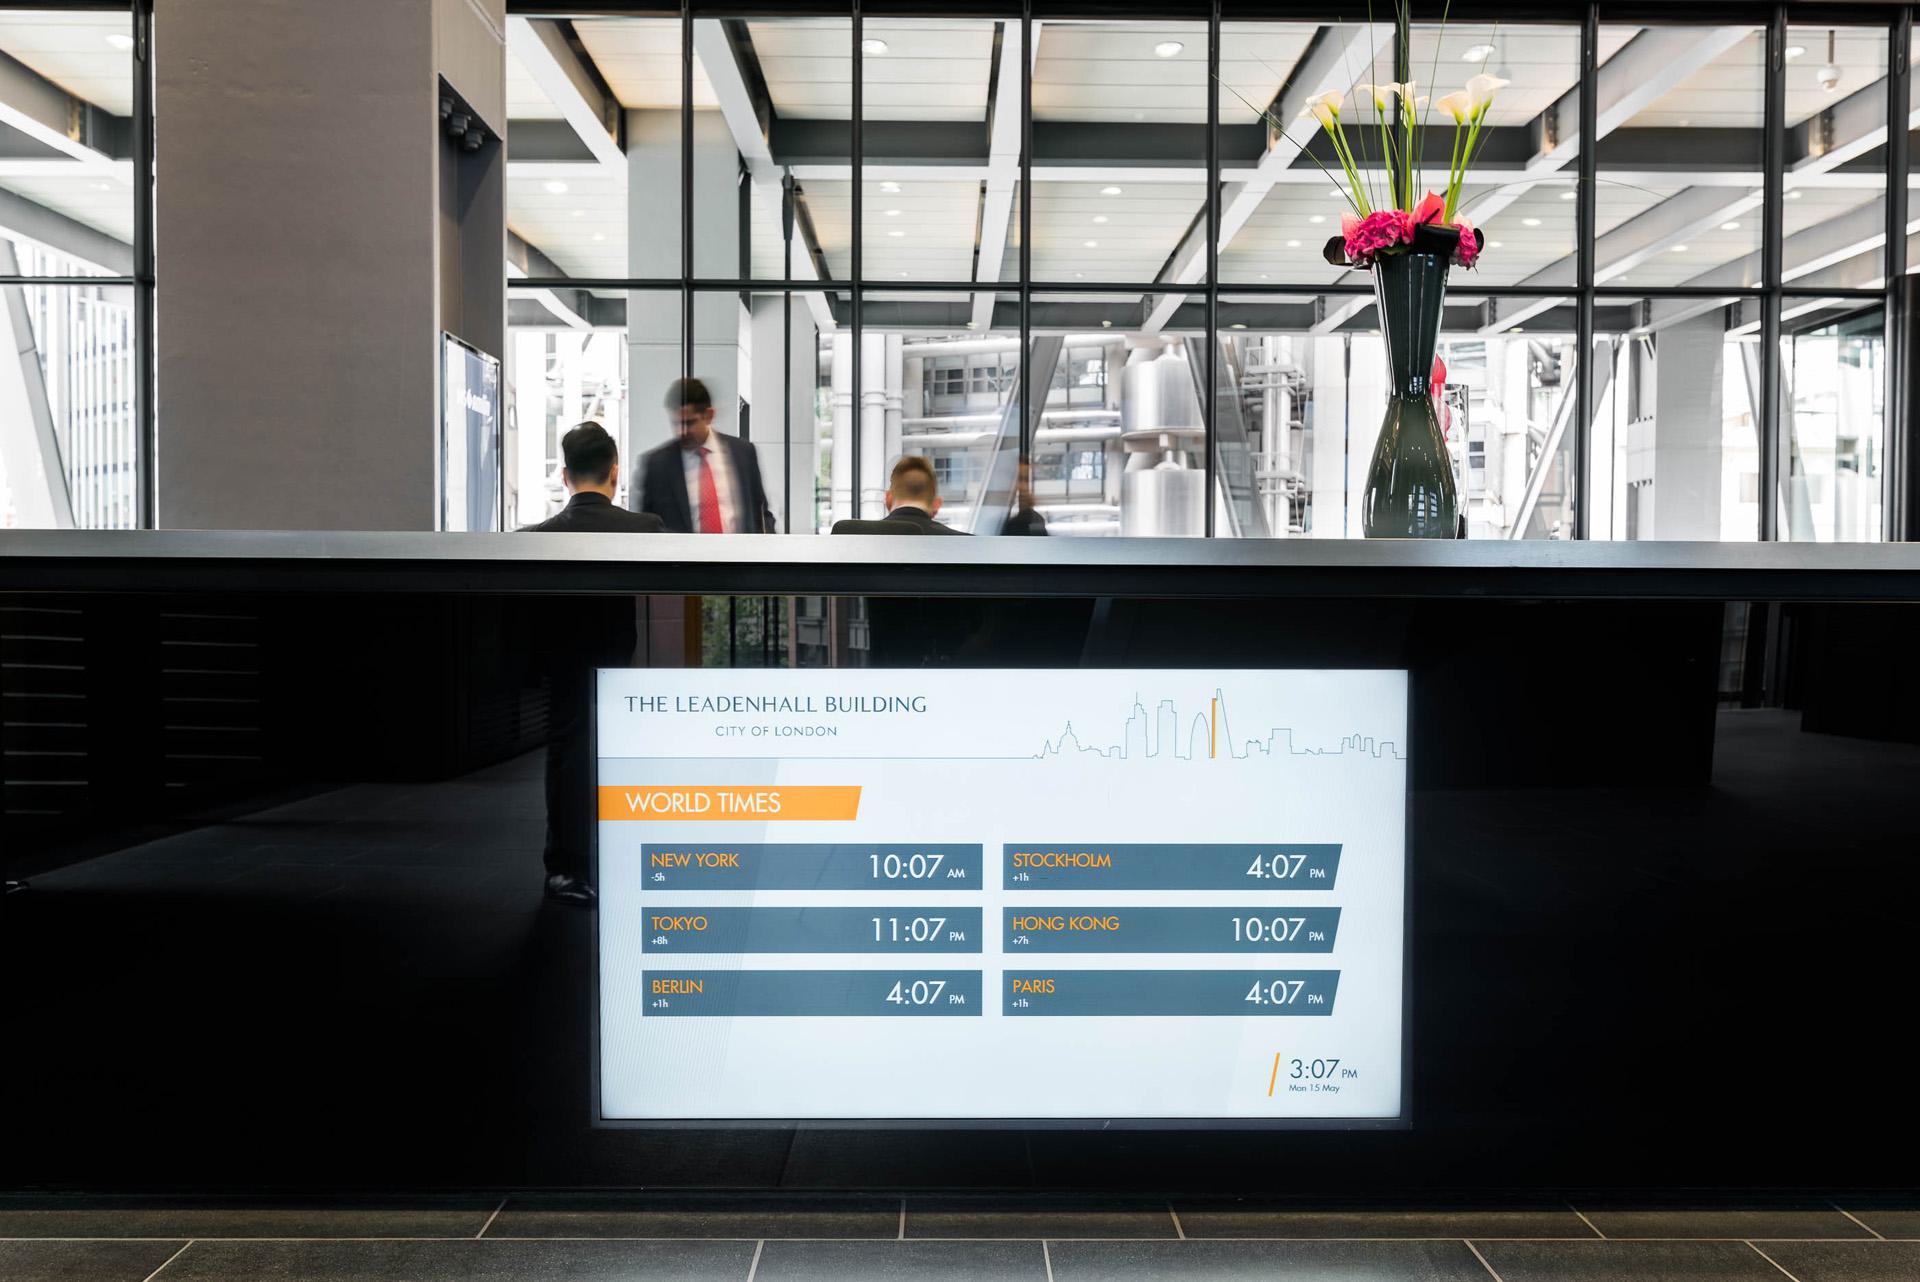 Dynamic digital signage world times